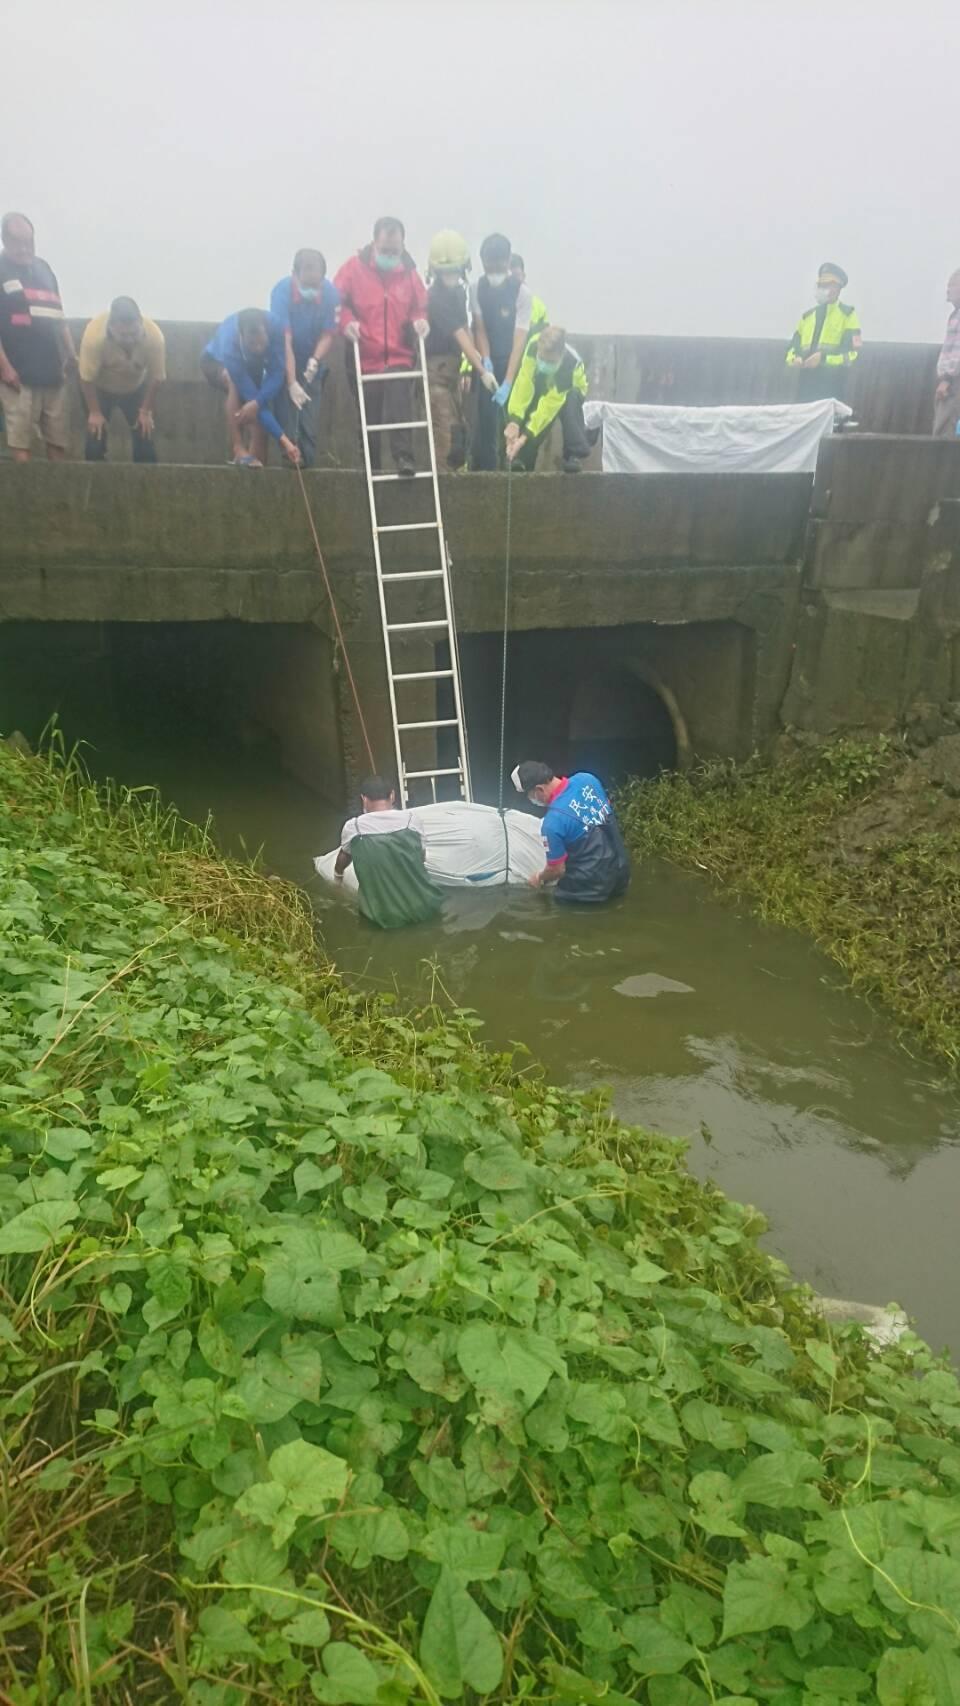 台南麻豆莊男失蹤多日下午遺體尋獲。記者謝進盛╱翻攝